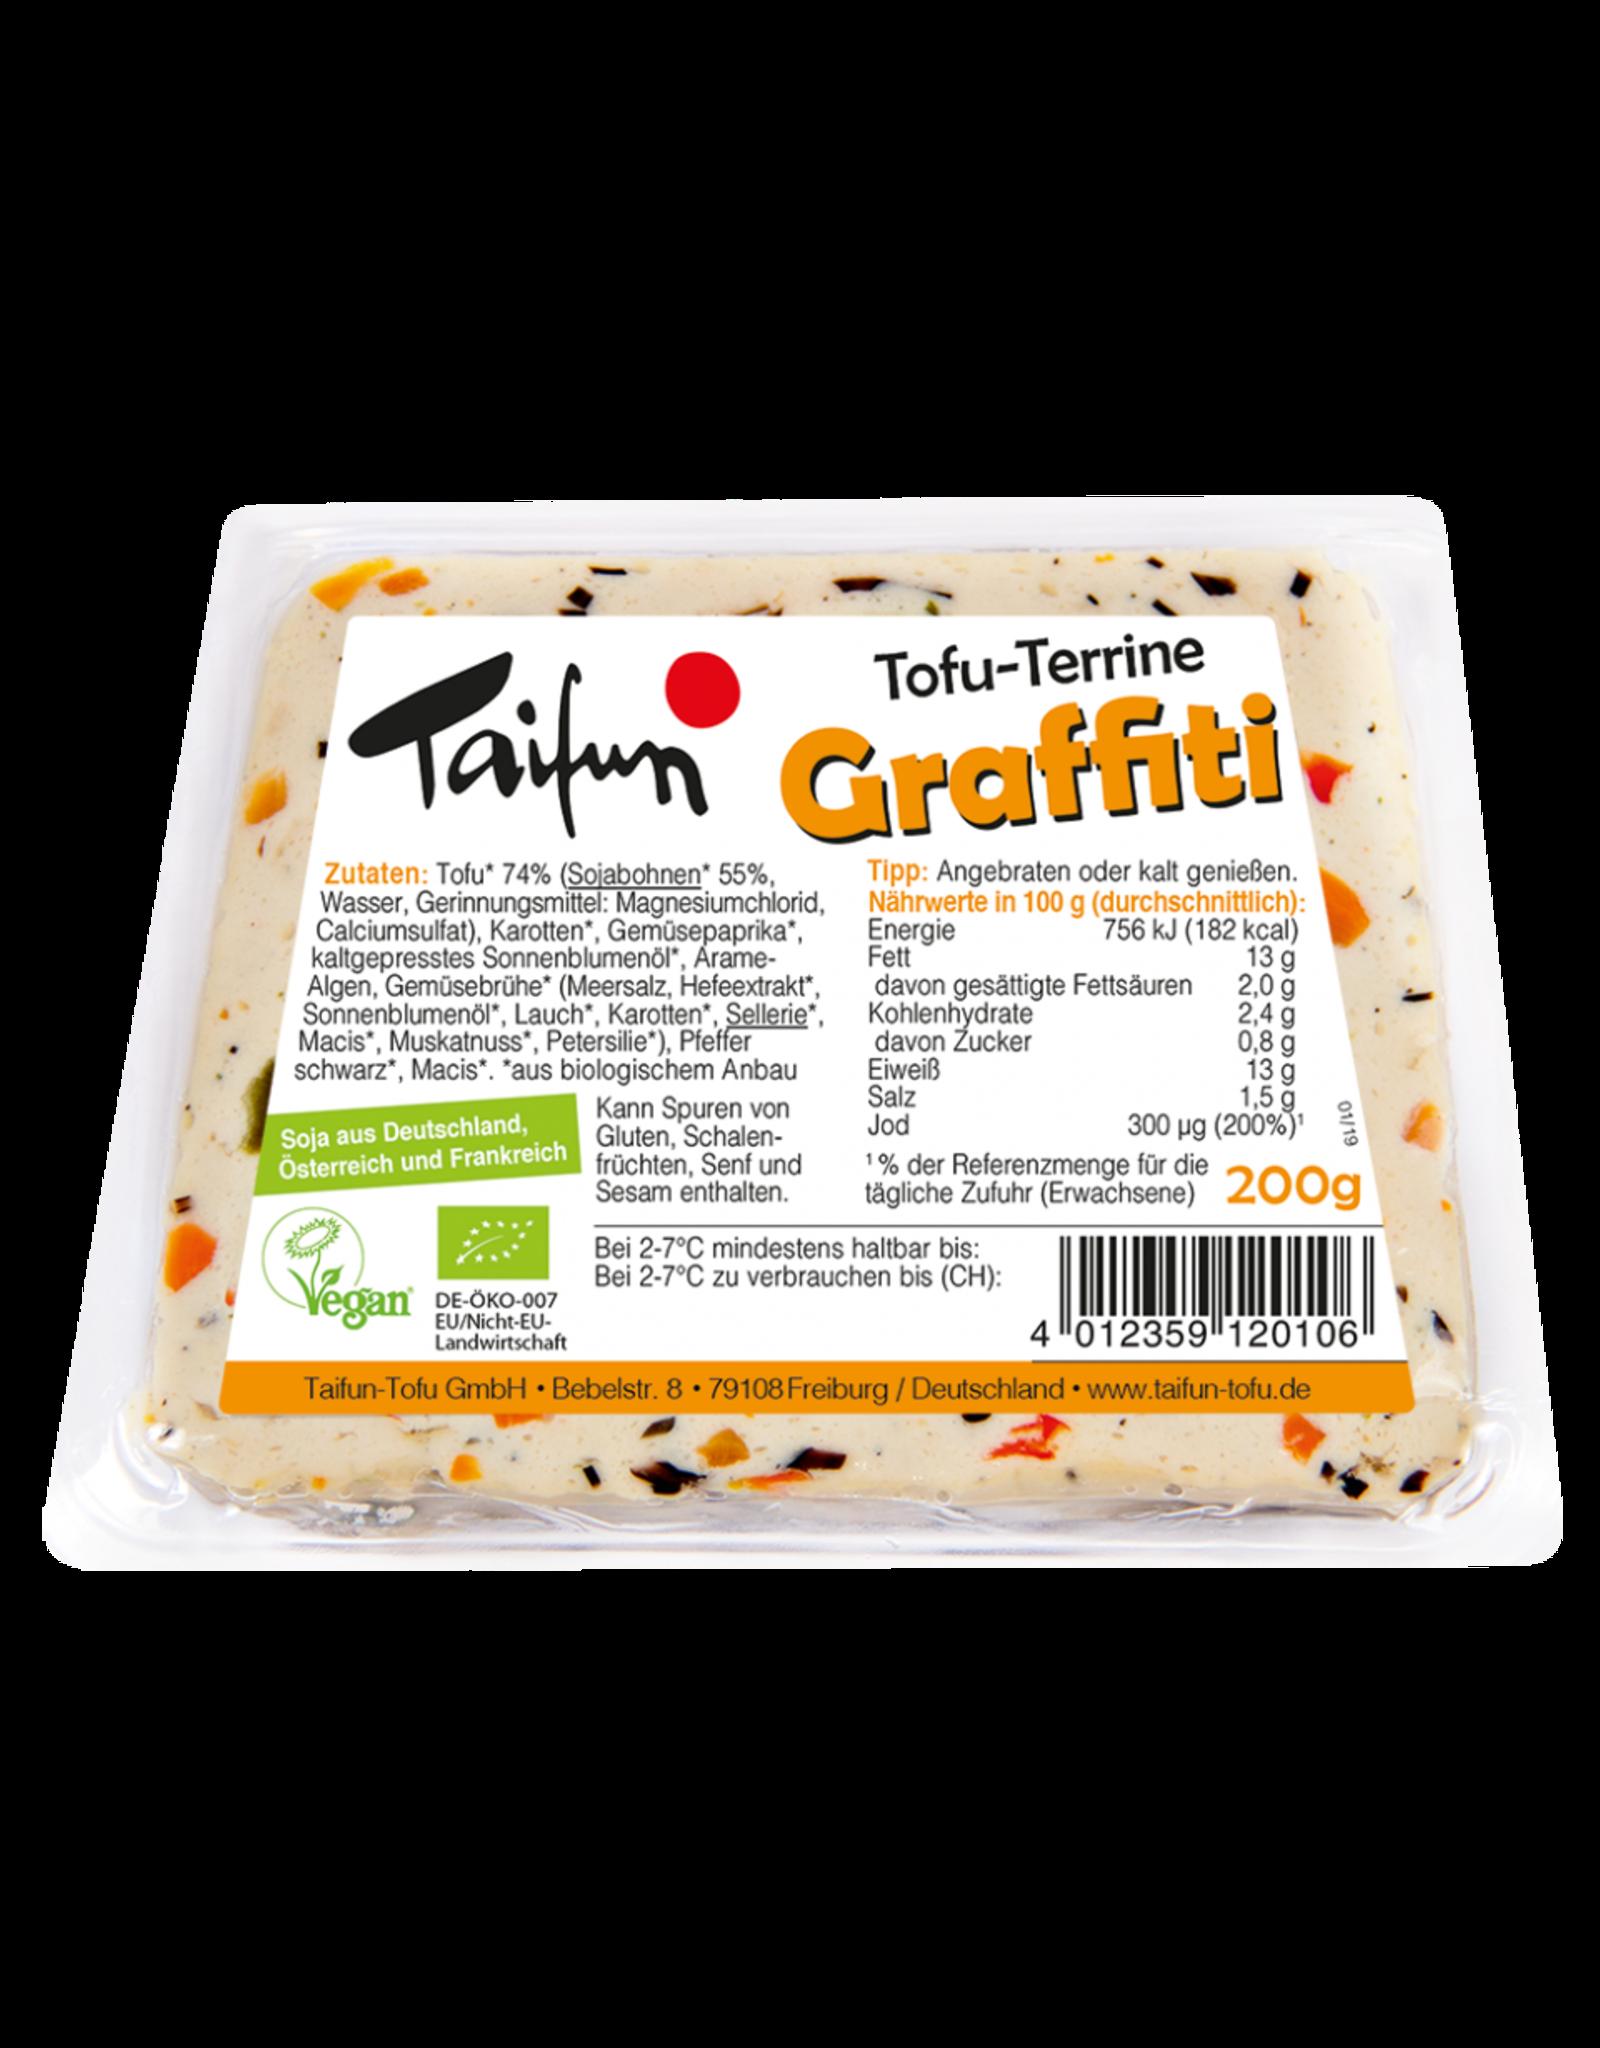 TAIFUN TOFU-TERRINA GRAFFITI, BIO, 200g